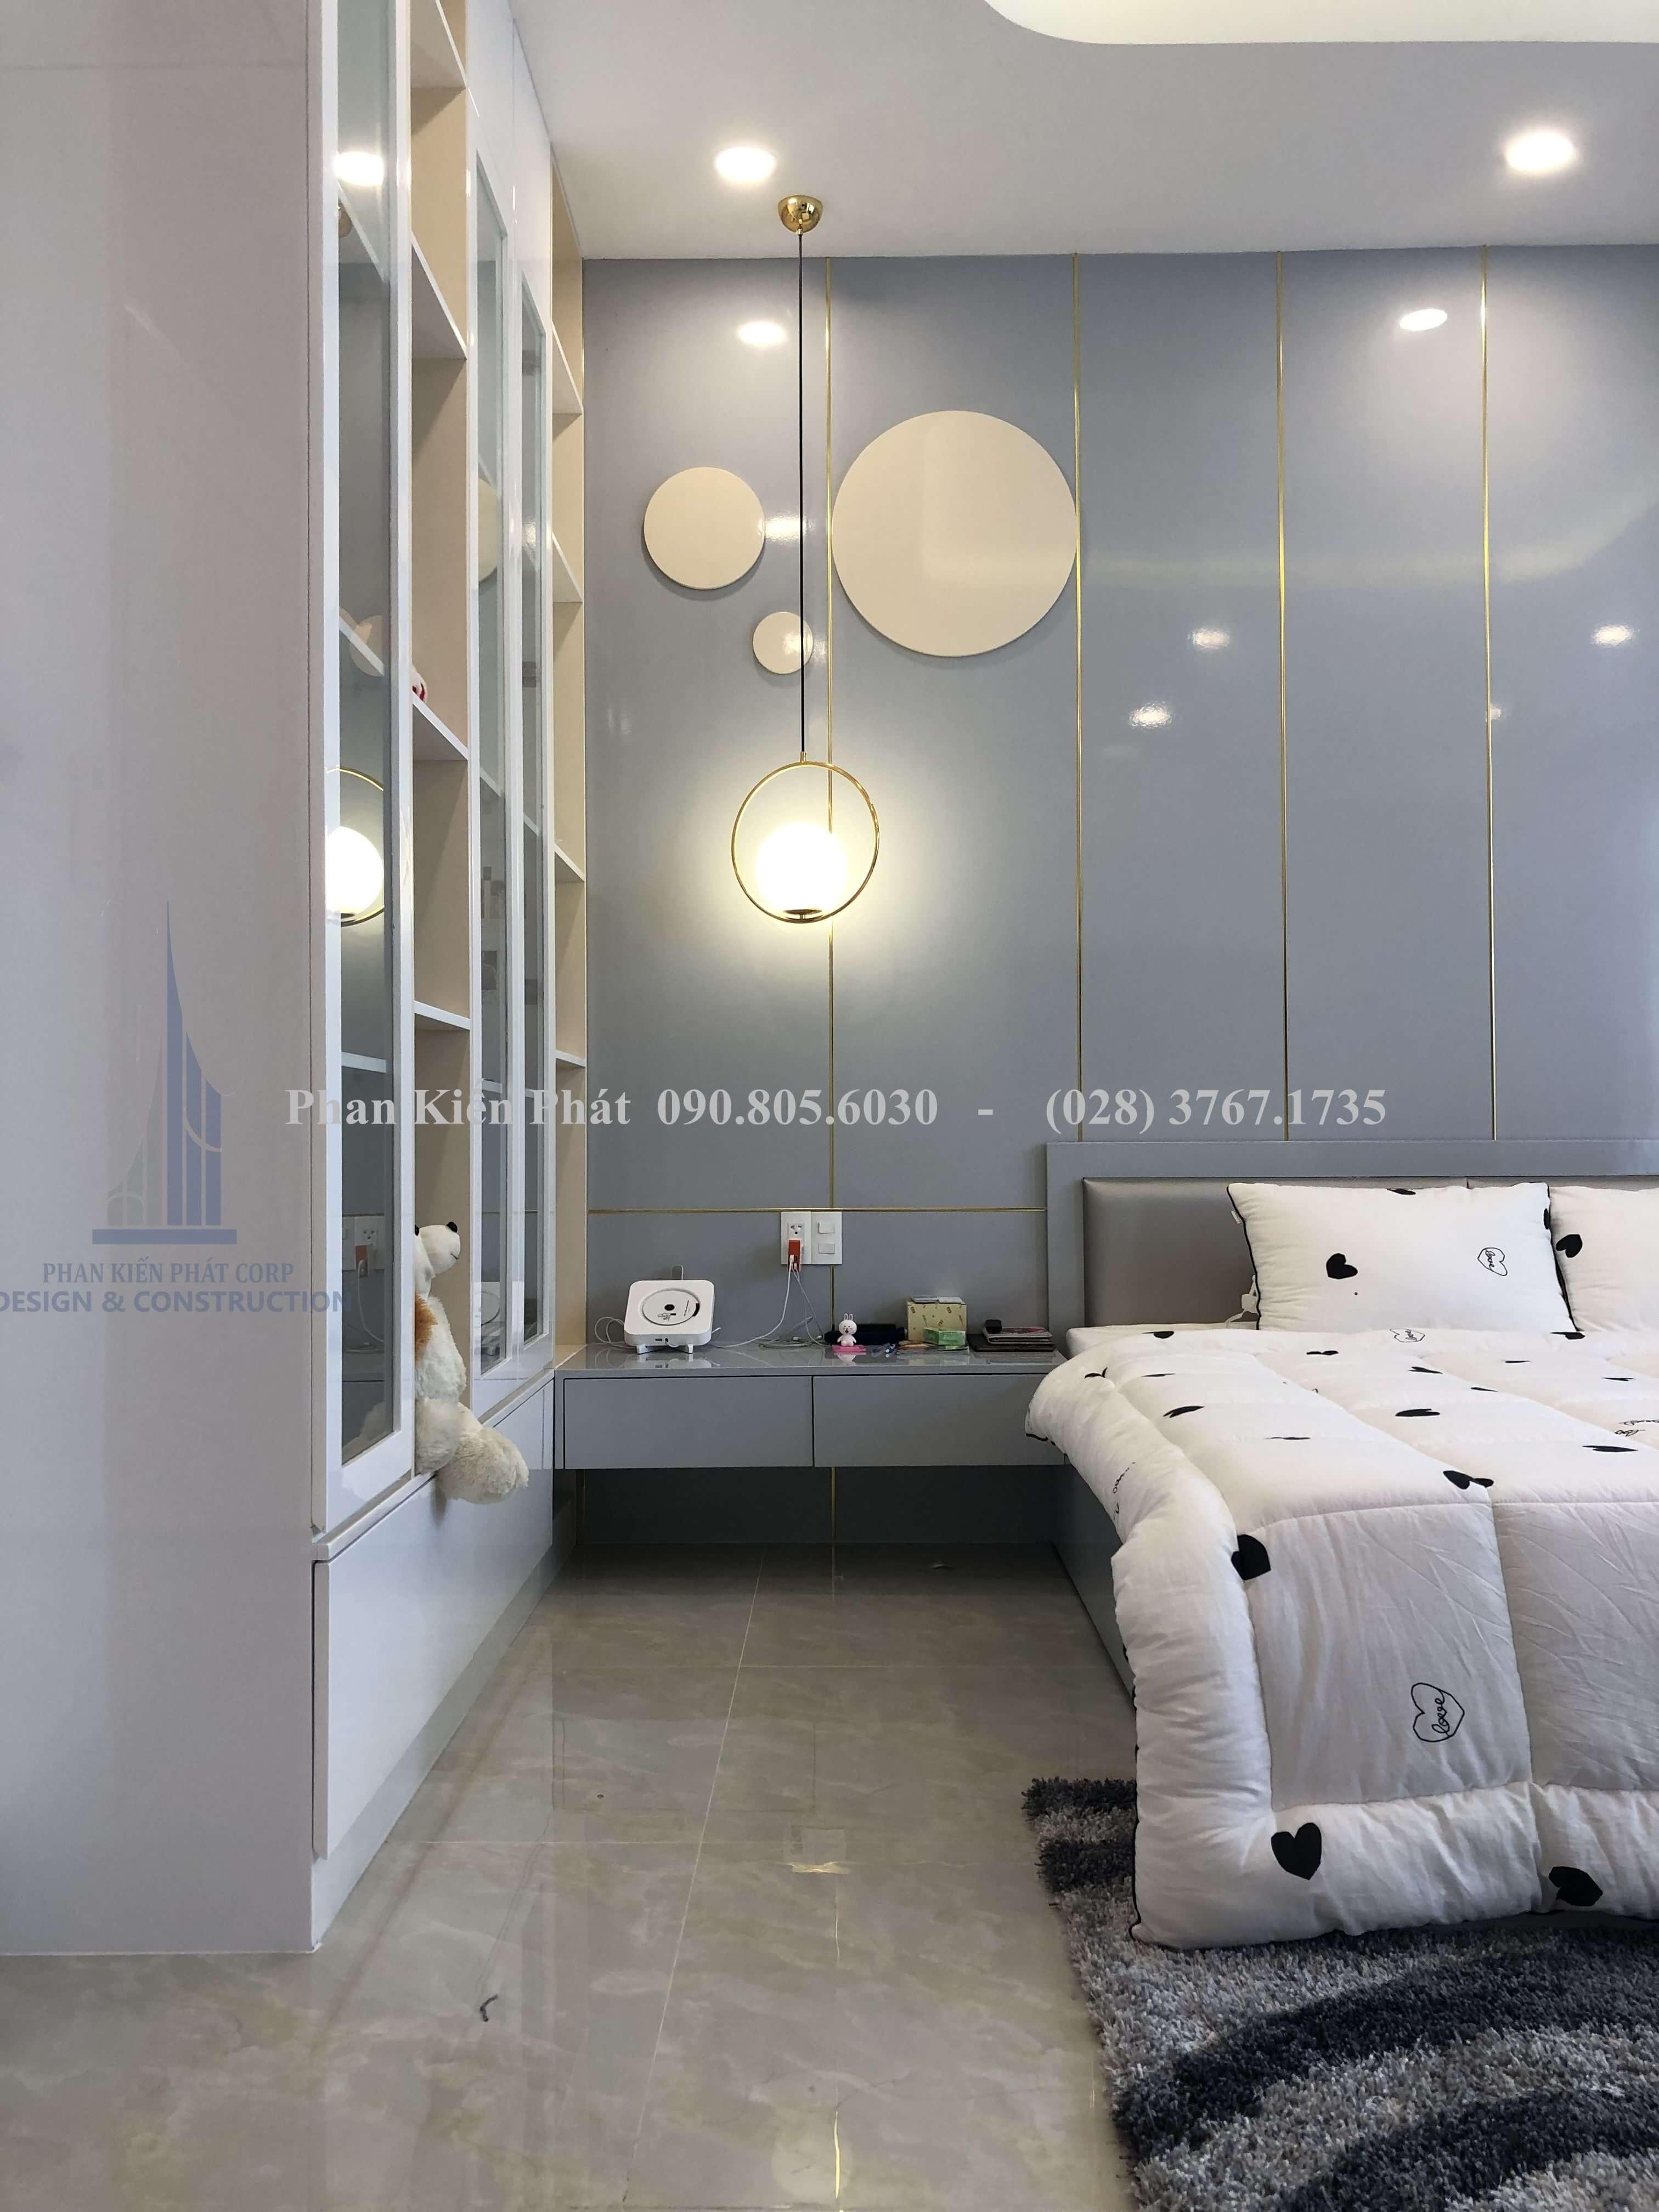 Nội thất phòng ngủ 3 hoàn thiện phan kiến phát thực hiện góc view 2